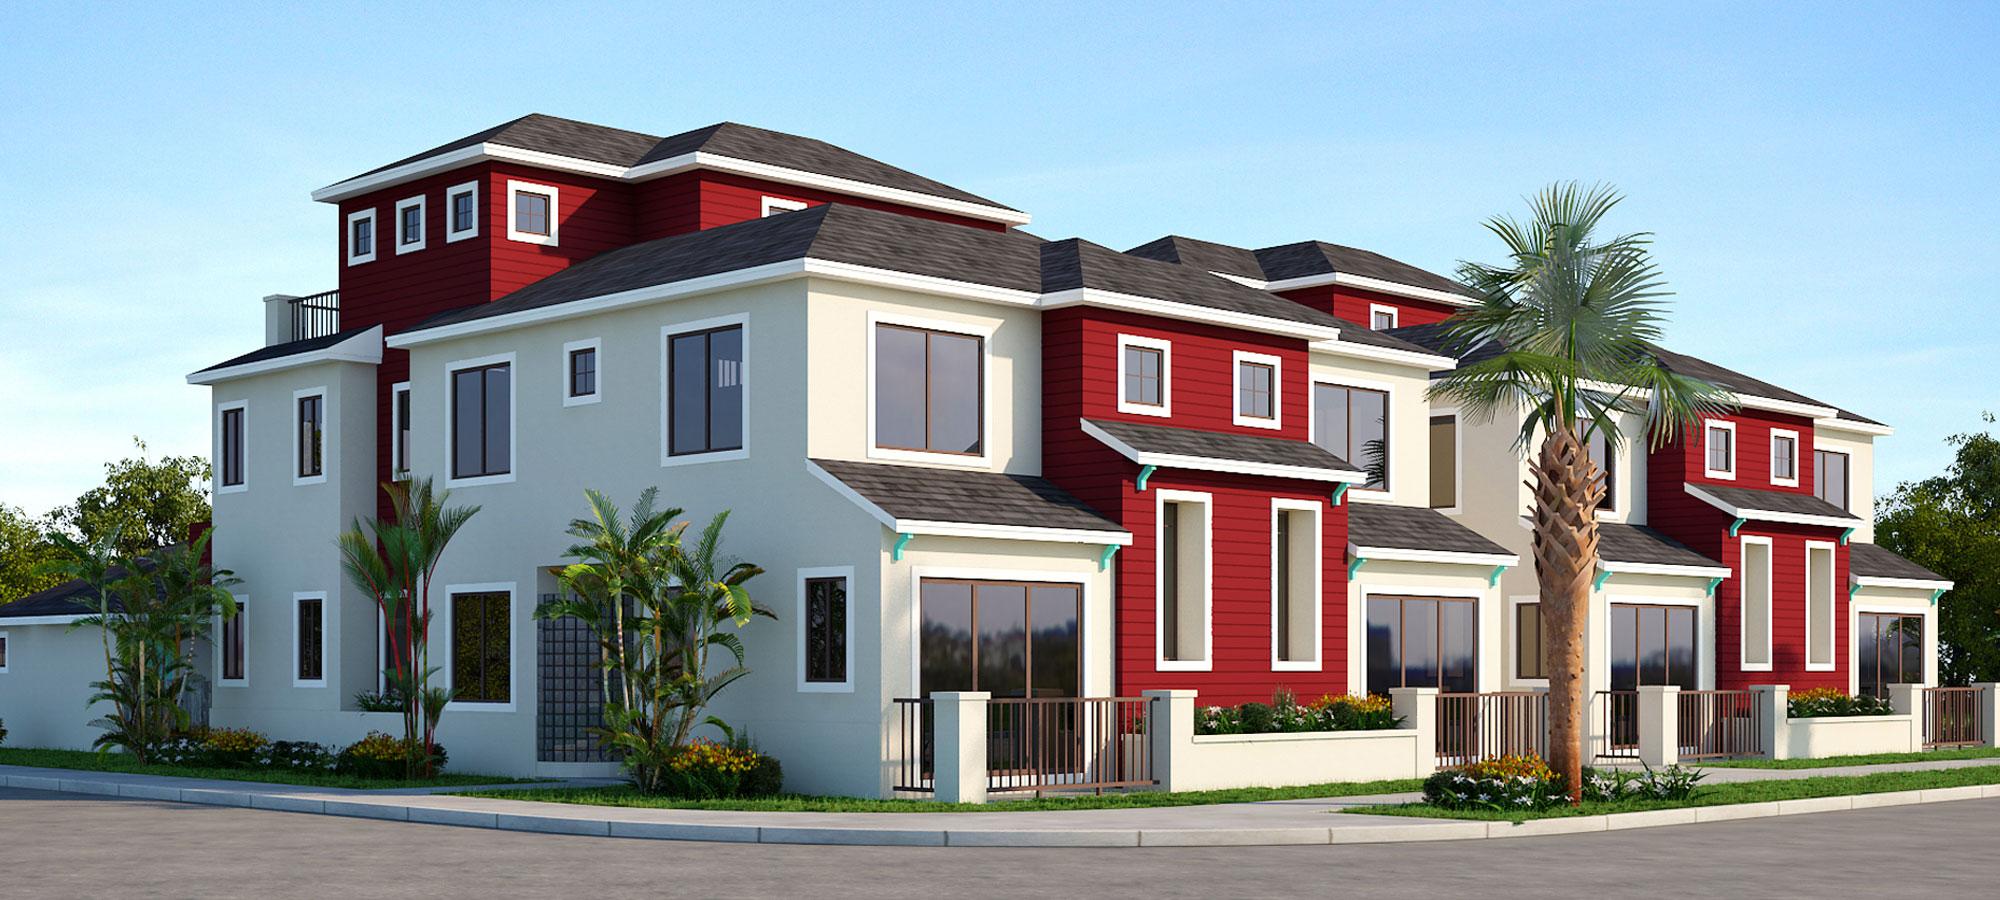 519 S Myers St. Oceanside, CA 92054